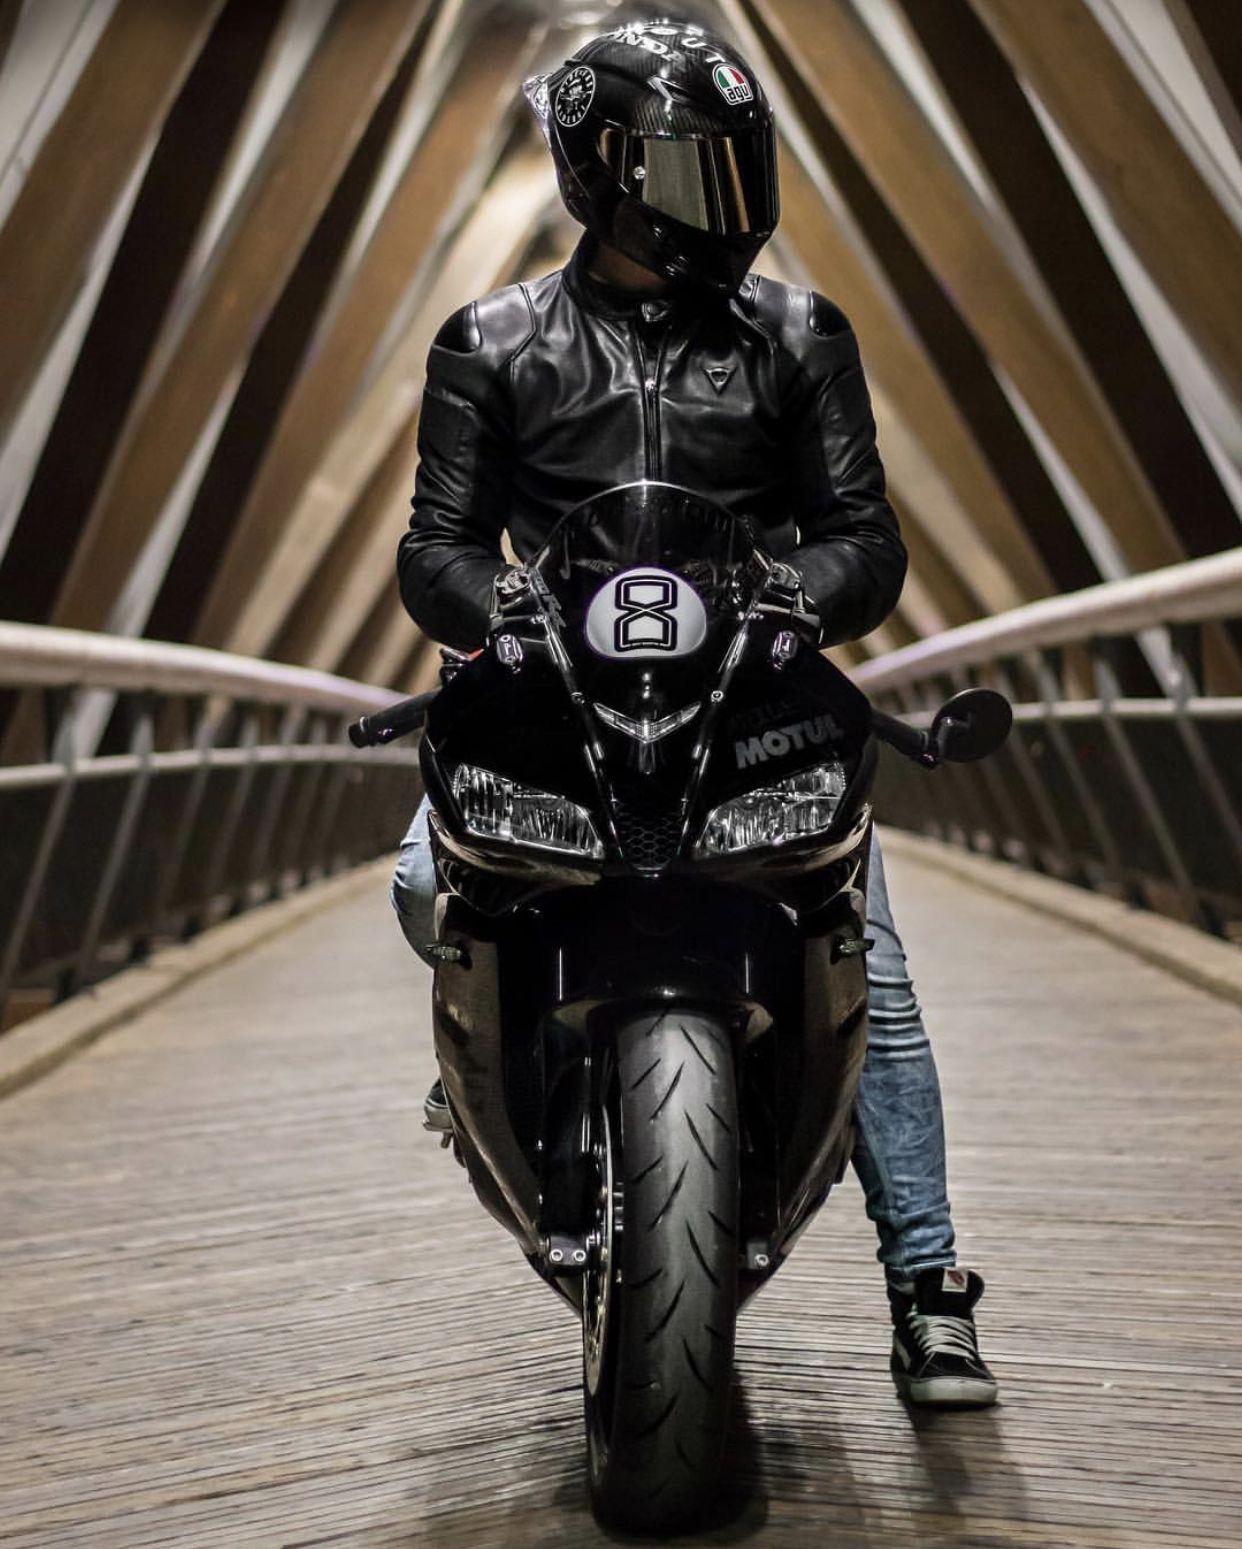 тем, фото байкеров на мотоциклах в шлемах если предпочитаете вязать